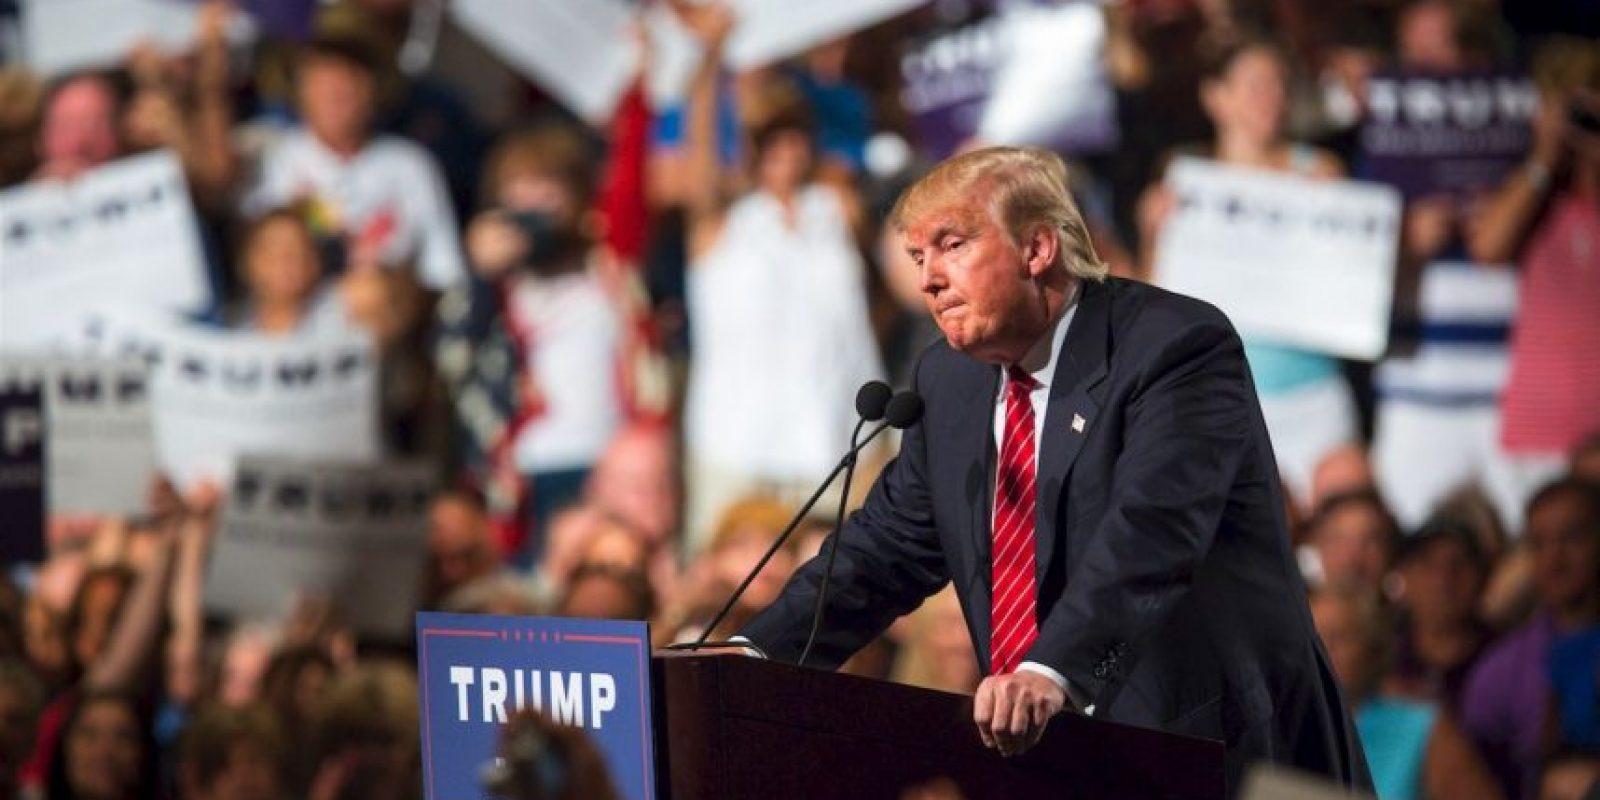 El precandidato informó que su fortuna total son 10 mil millones de dólar, de acuerdo a su equipo de campaña. Foto:Getty Images